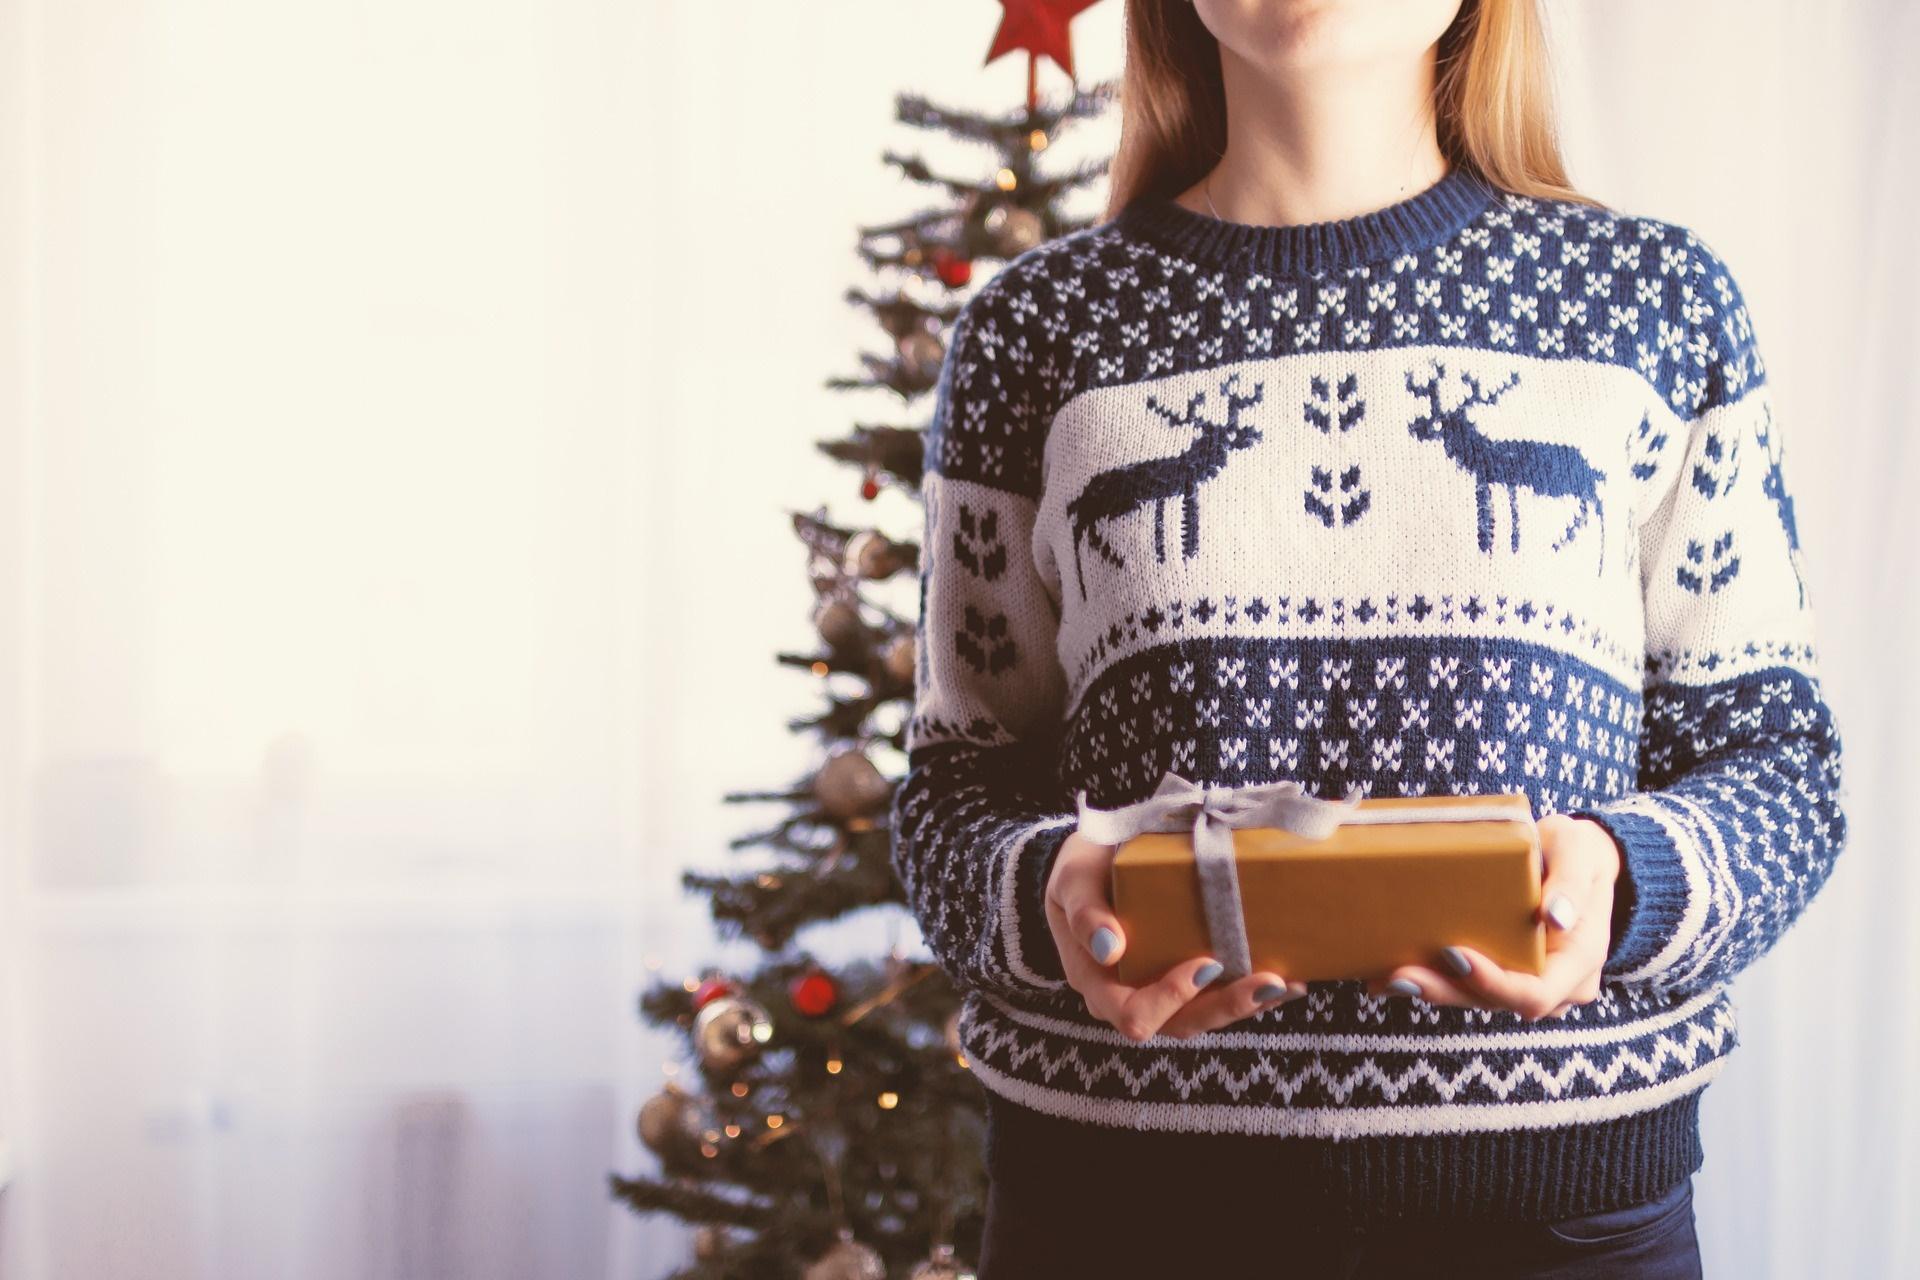 Hur mycket får en julklapp kosta? Källa: Pixabay